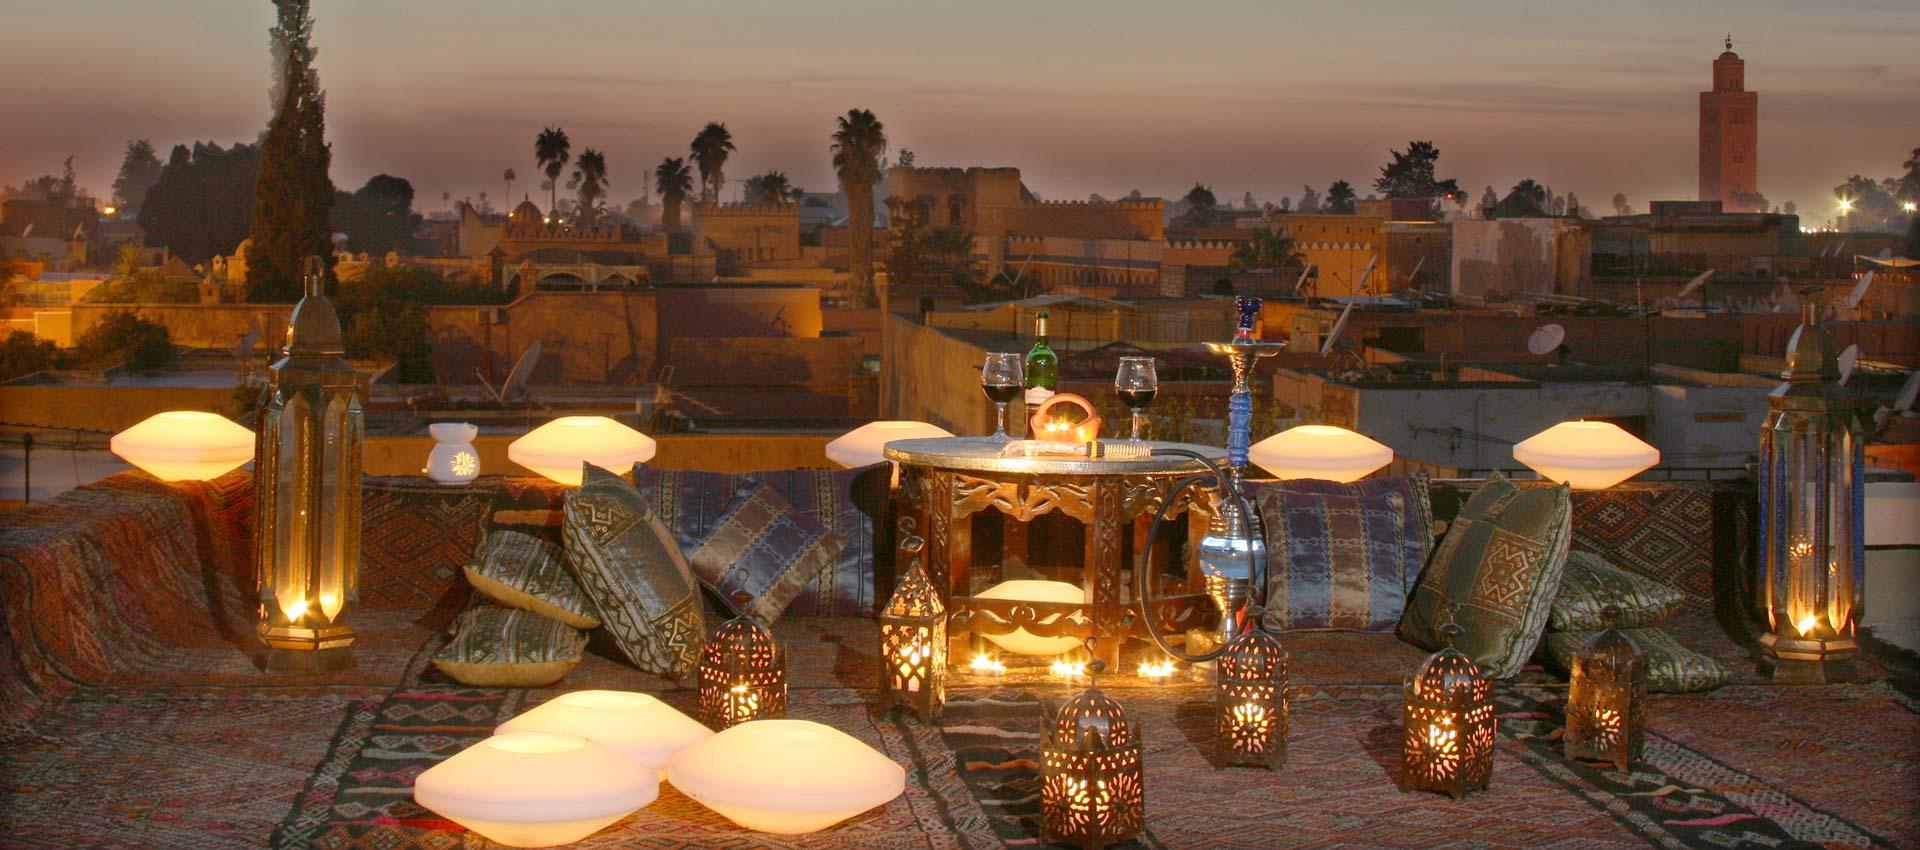 Angsana Riads Collection, Marrakech